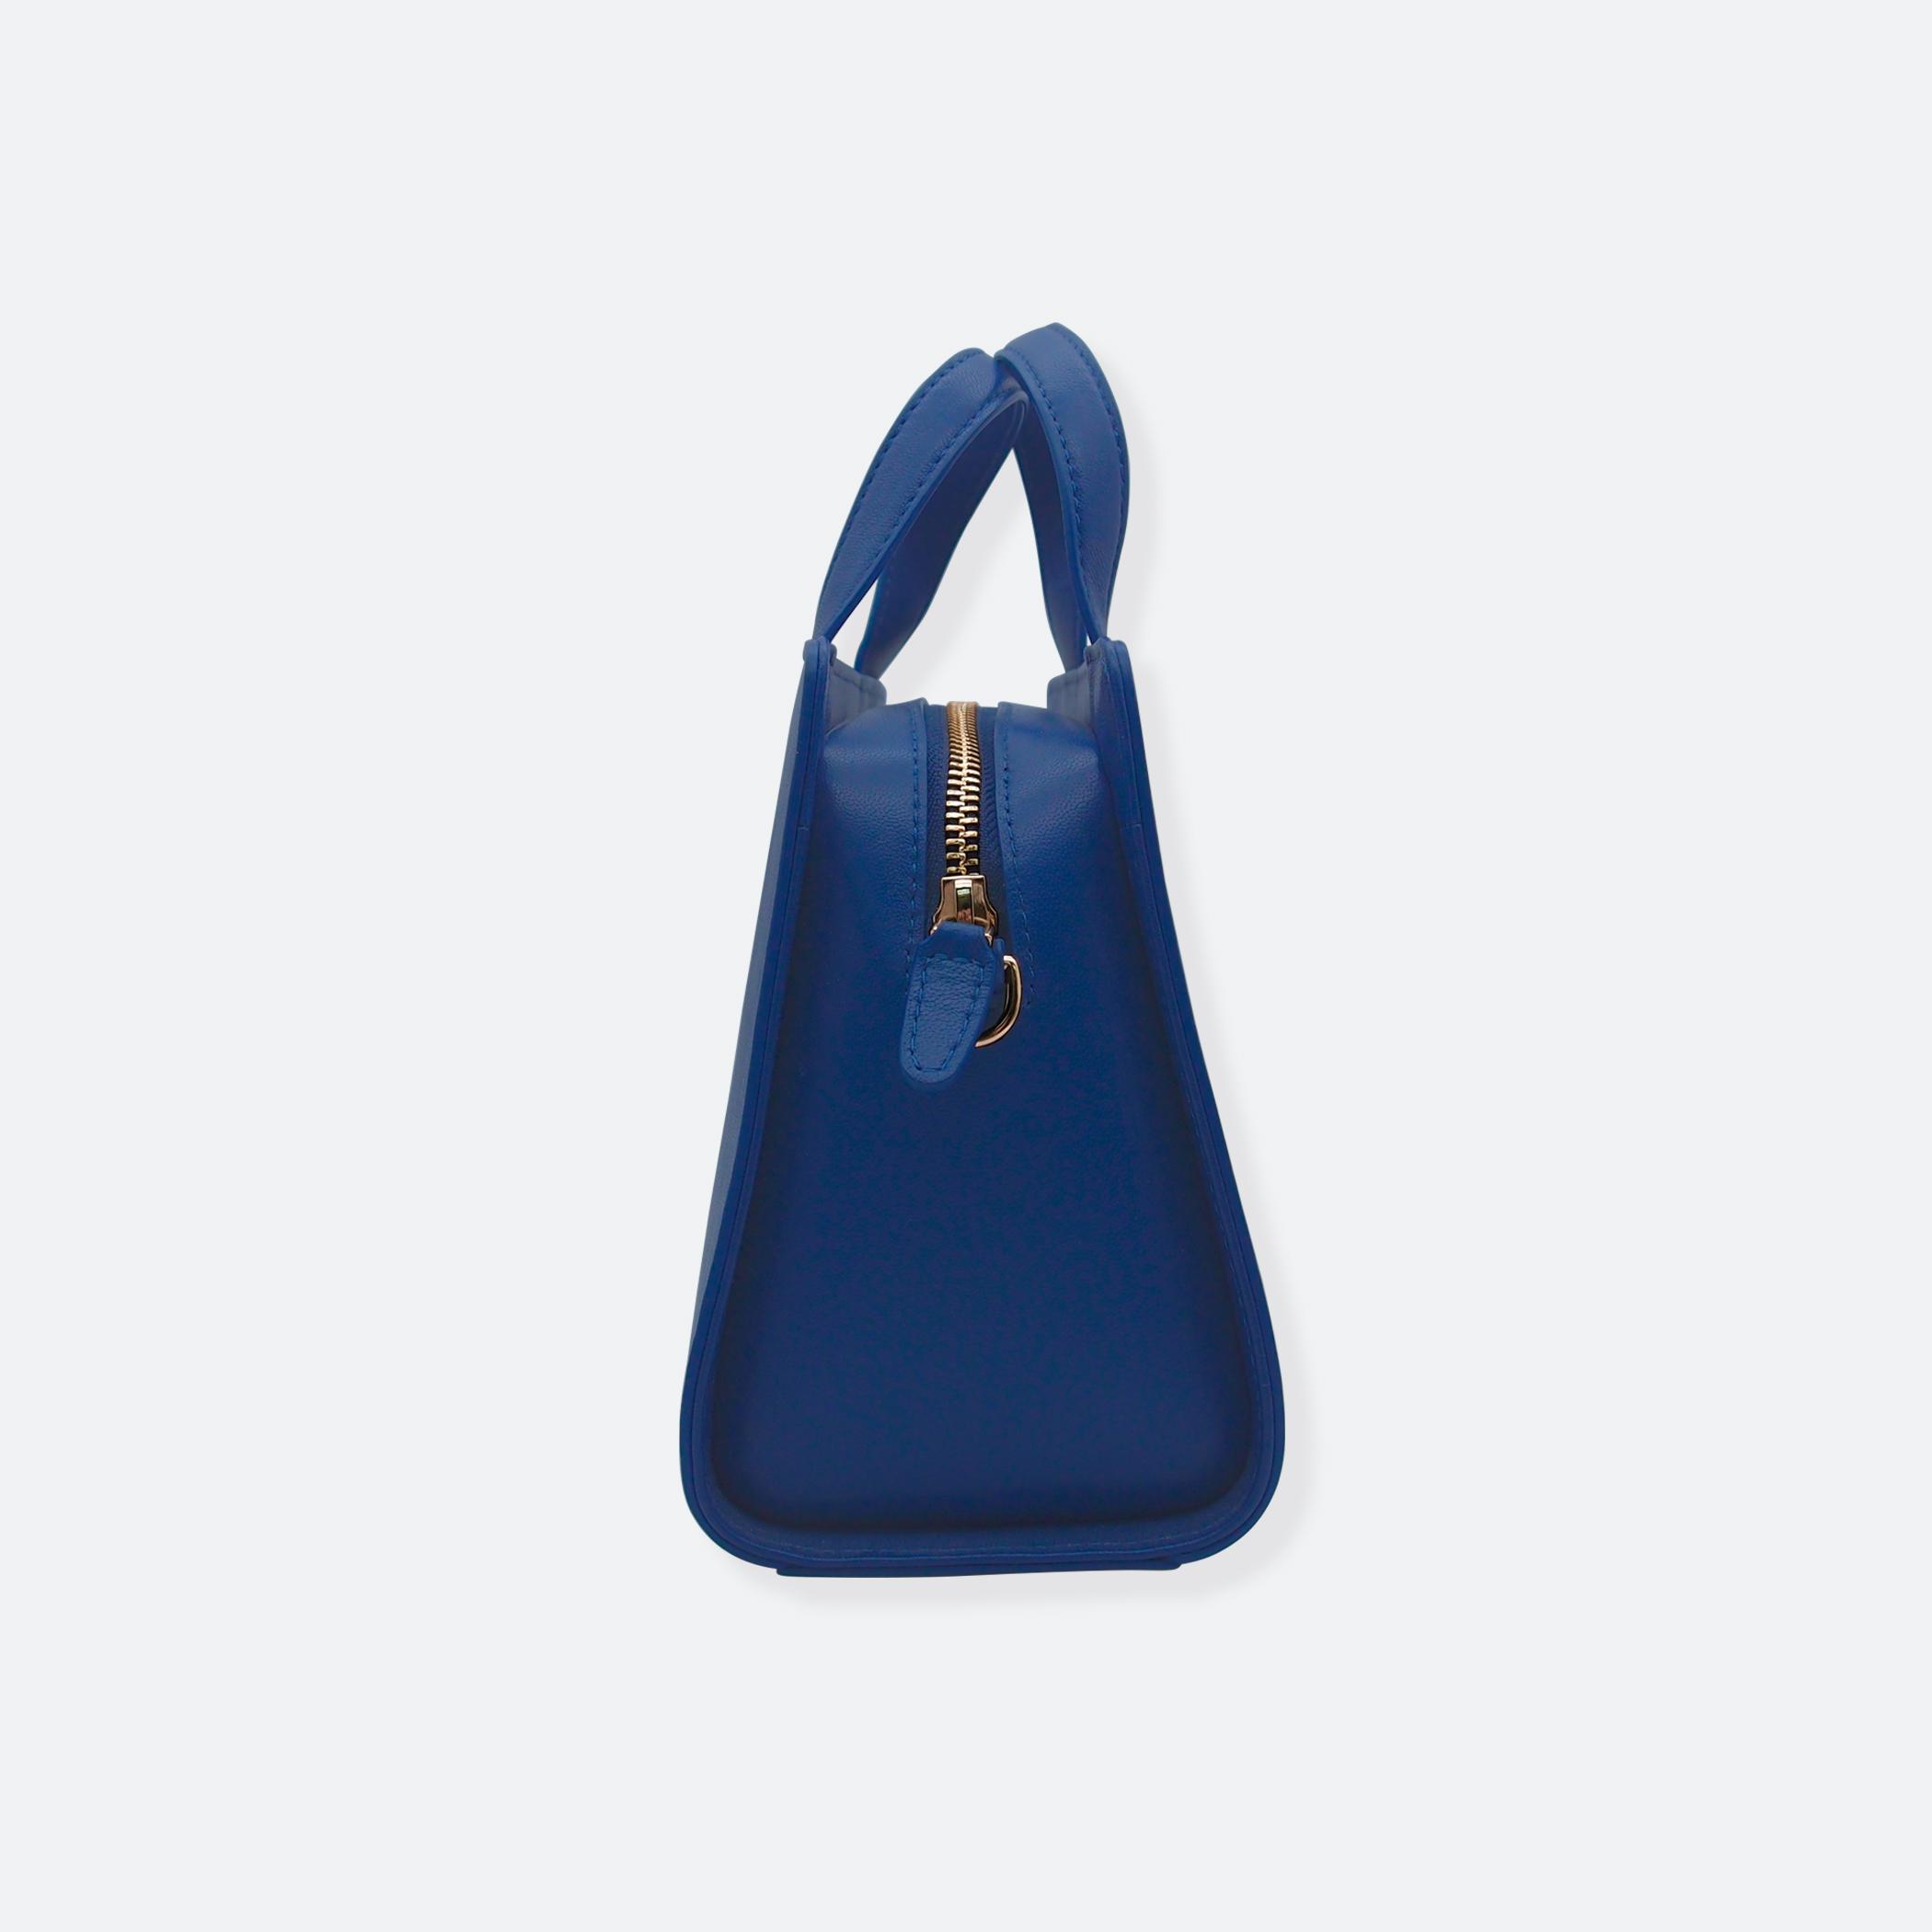 OhMart B043 (Blue) 2